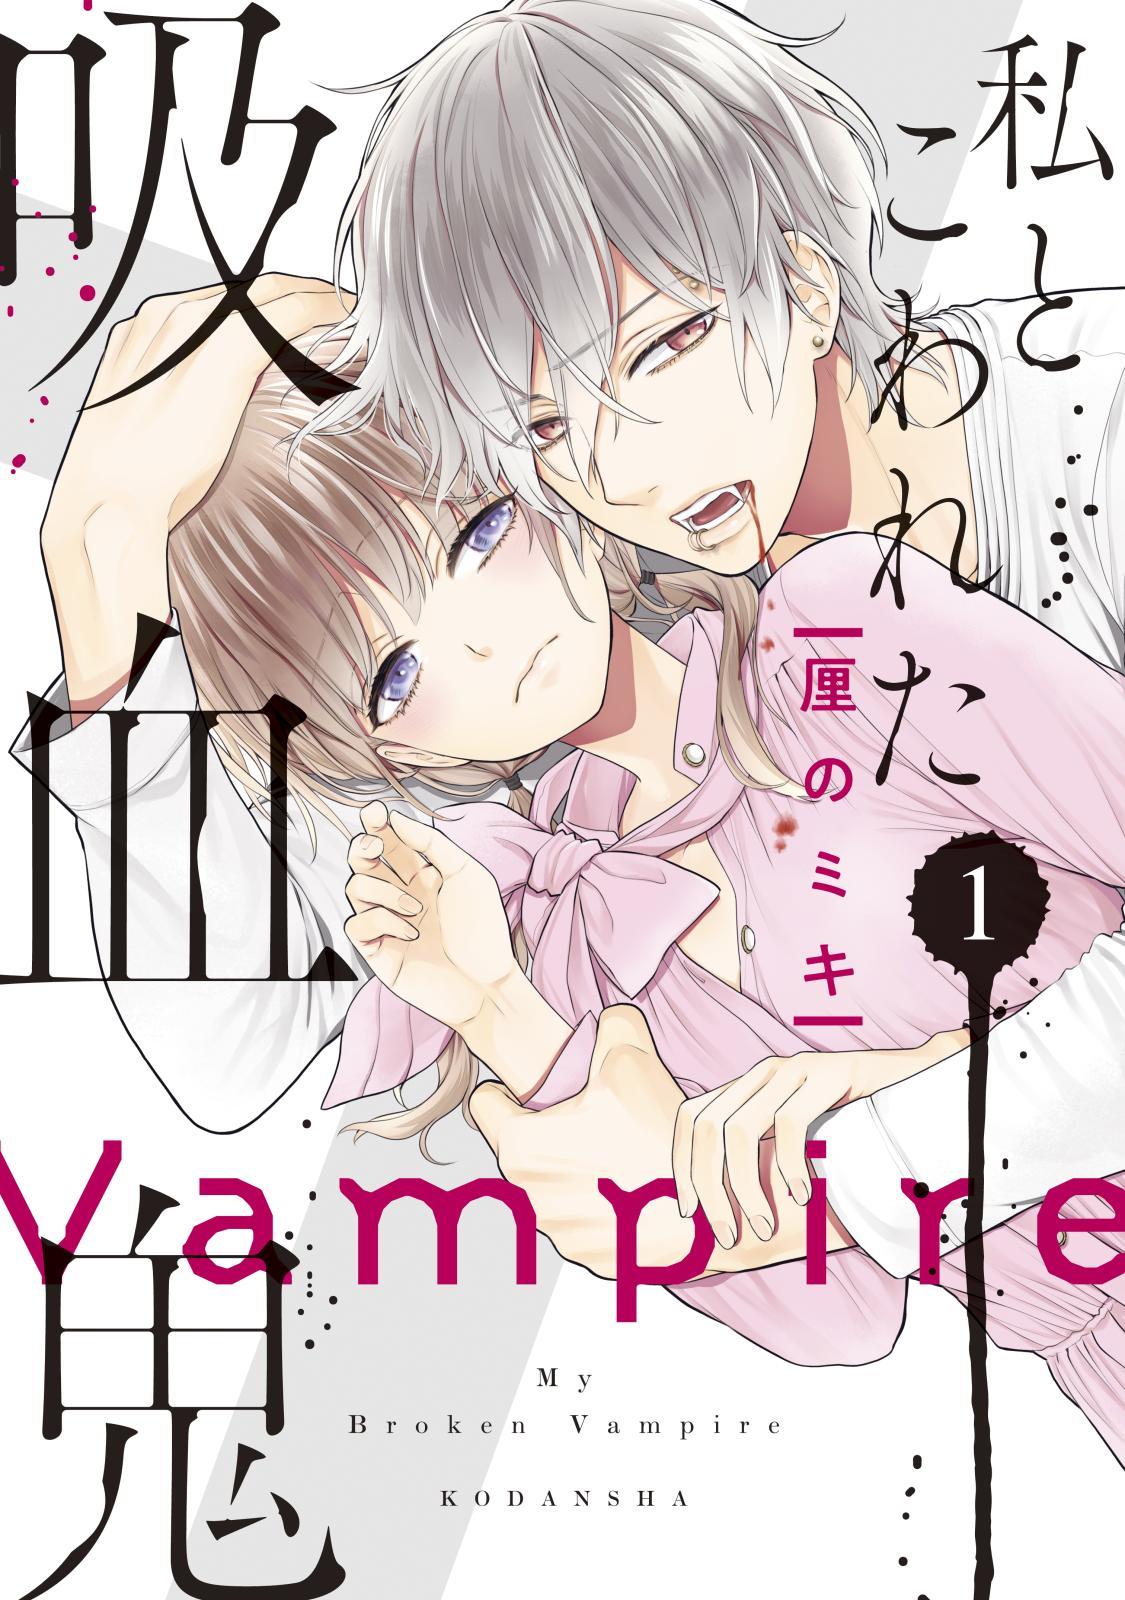 私とこわれた吸血鬼(1)【電子限定描き下ろしイチャラブ漫画付き】